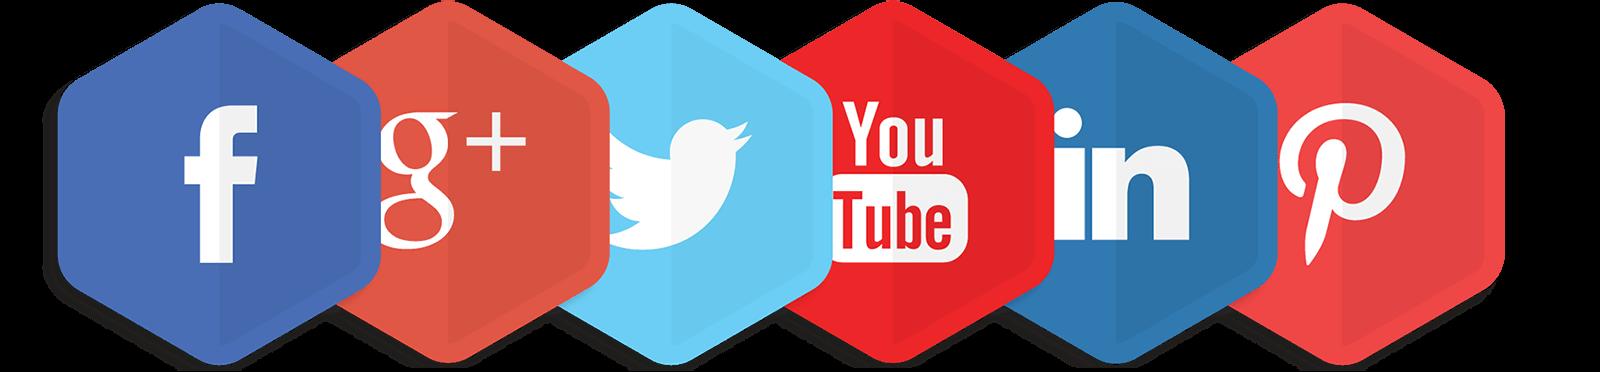 Social Media Management Social Media Marketing